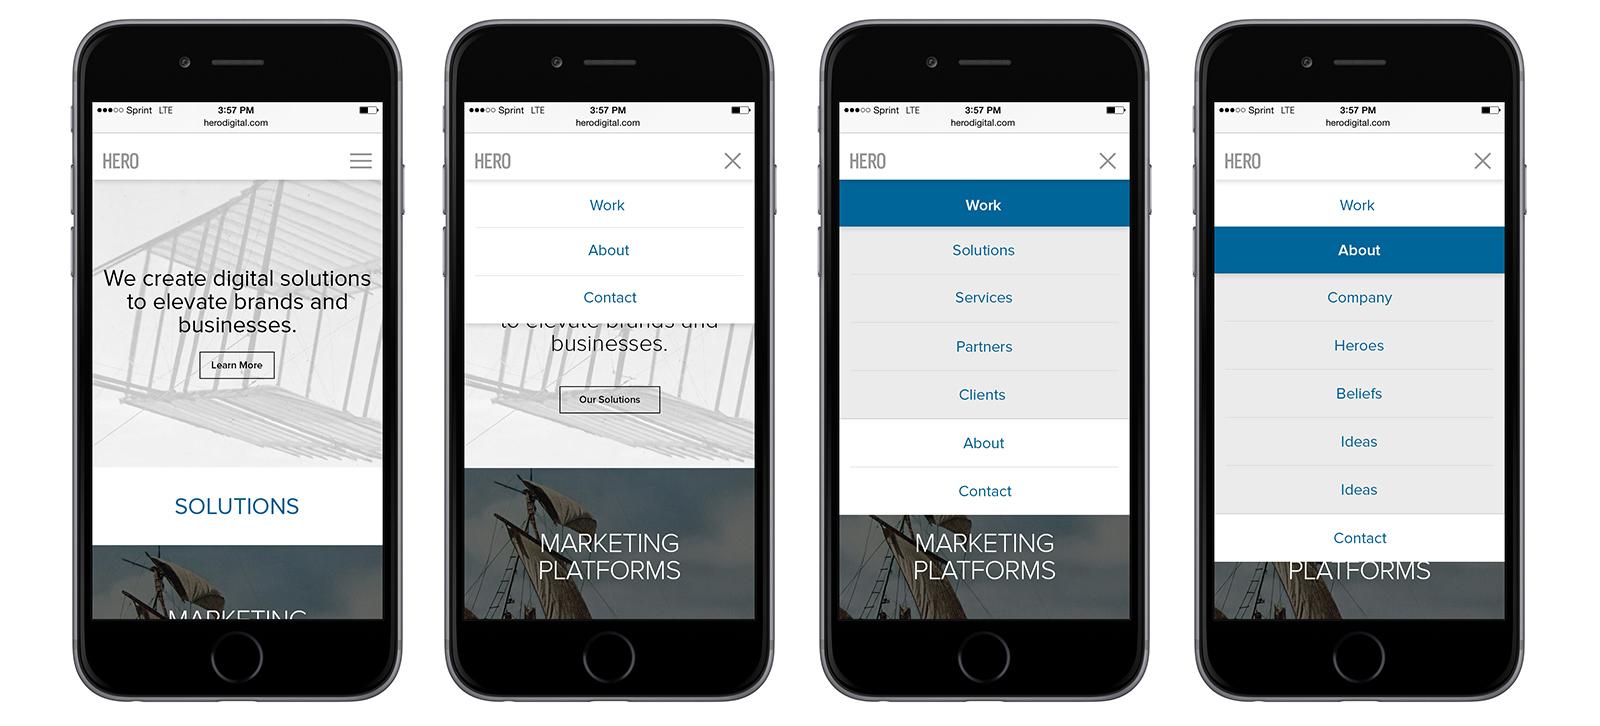 HD_mobile_menu.jpg